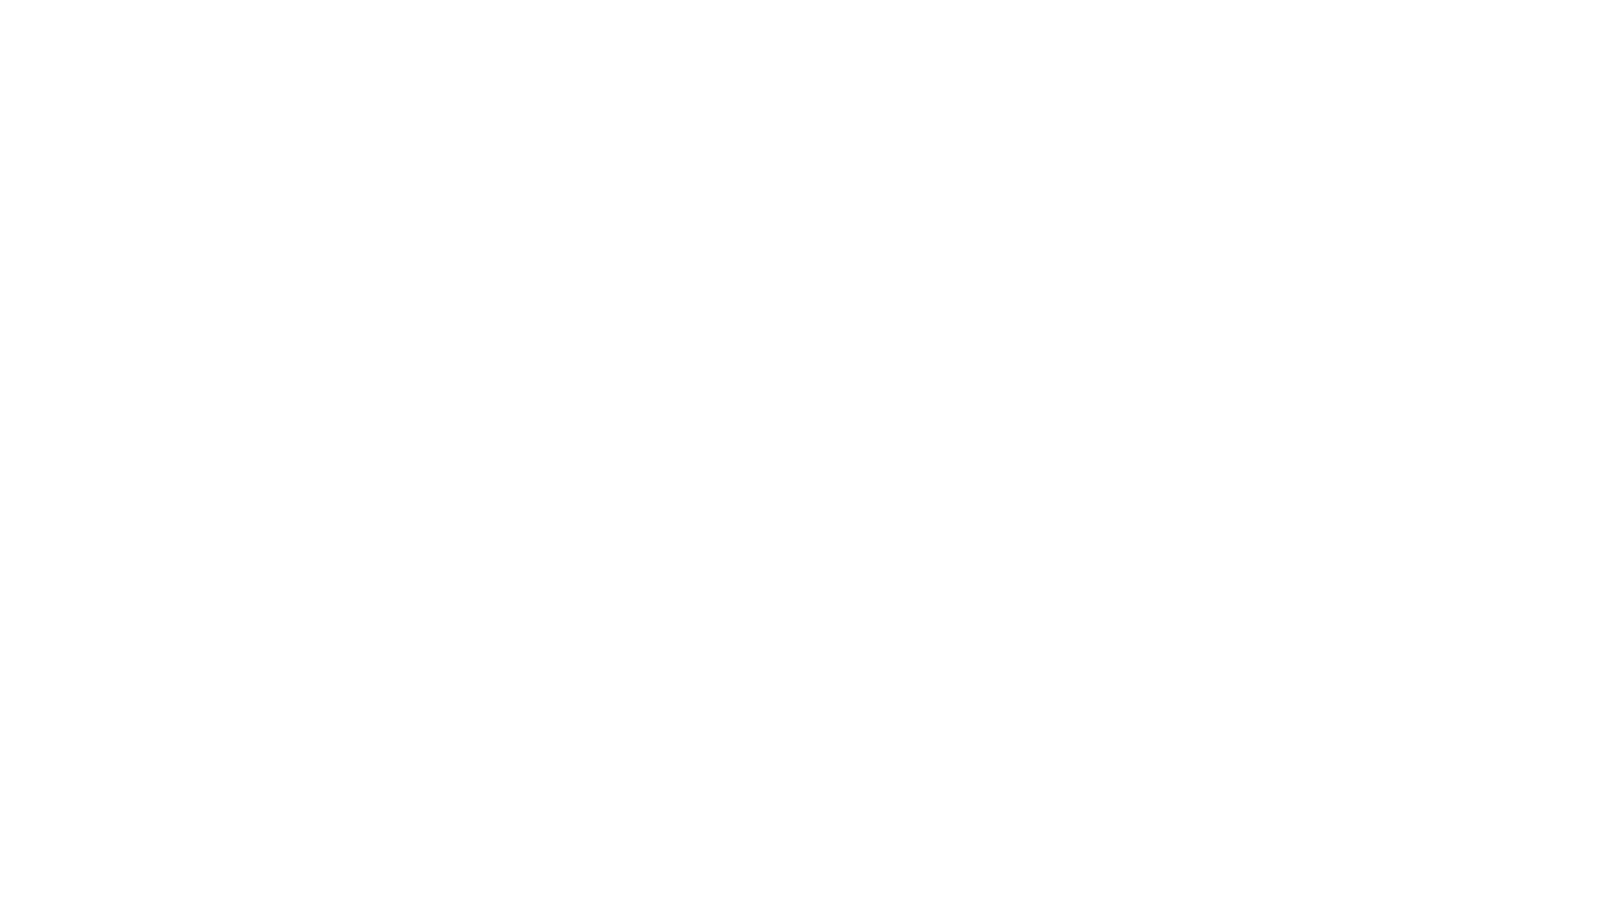 Cách Làm Thịt Kho Tàu Trứng Muối Mềm Rệu, Màu Đẹp Không Cần Nước Màu BepXua là một kênh chuyên về ẩm thực cung cấp tất cả những thông tin hữu ích xoay quanh ẩm thực, những mẹo nhỏ trong nấu ăn của tất cả các vùng miền. Các video đều được dàn dựng một cách tự nhiên, là nhịp cầu cung cấp vốn tri thức ẩm thực của các vùng miền.  Follow BepXua: - Website: https://bepxua.vn - Facebook: https://facebook.com/bepvietxua - TikTok: https://tiktok.com/@bepxua - Twitter: https://twitter.com/bepvietxua